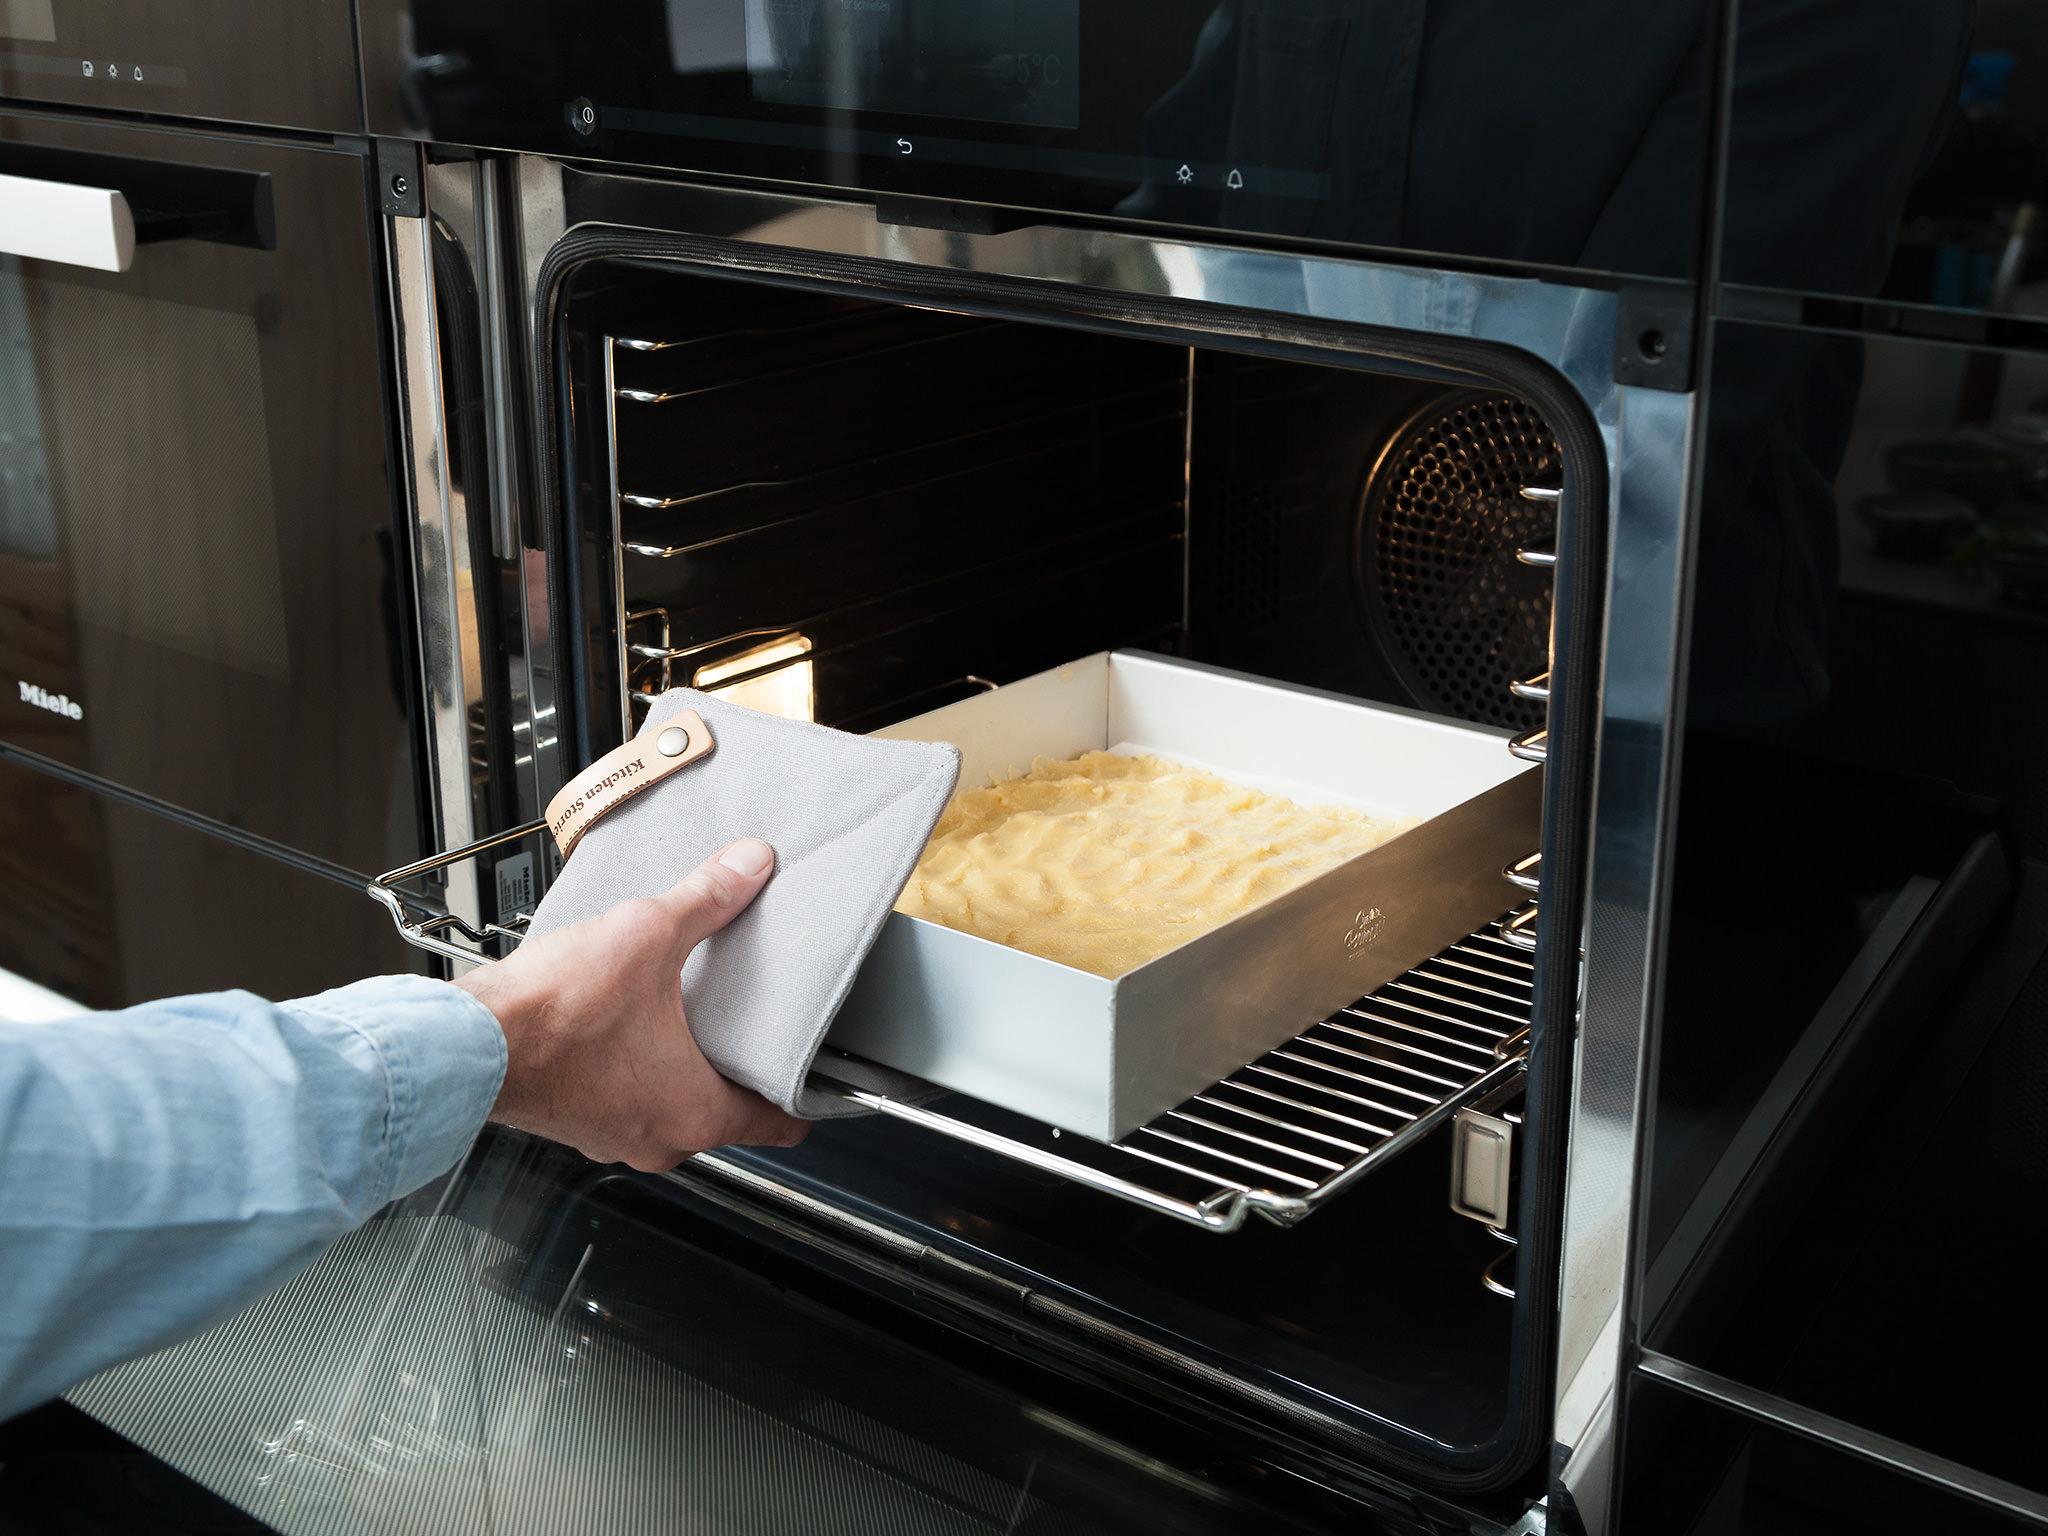 Wsadzanie ciasta do piekarnika